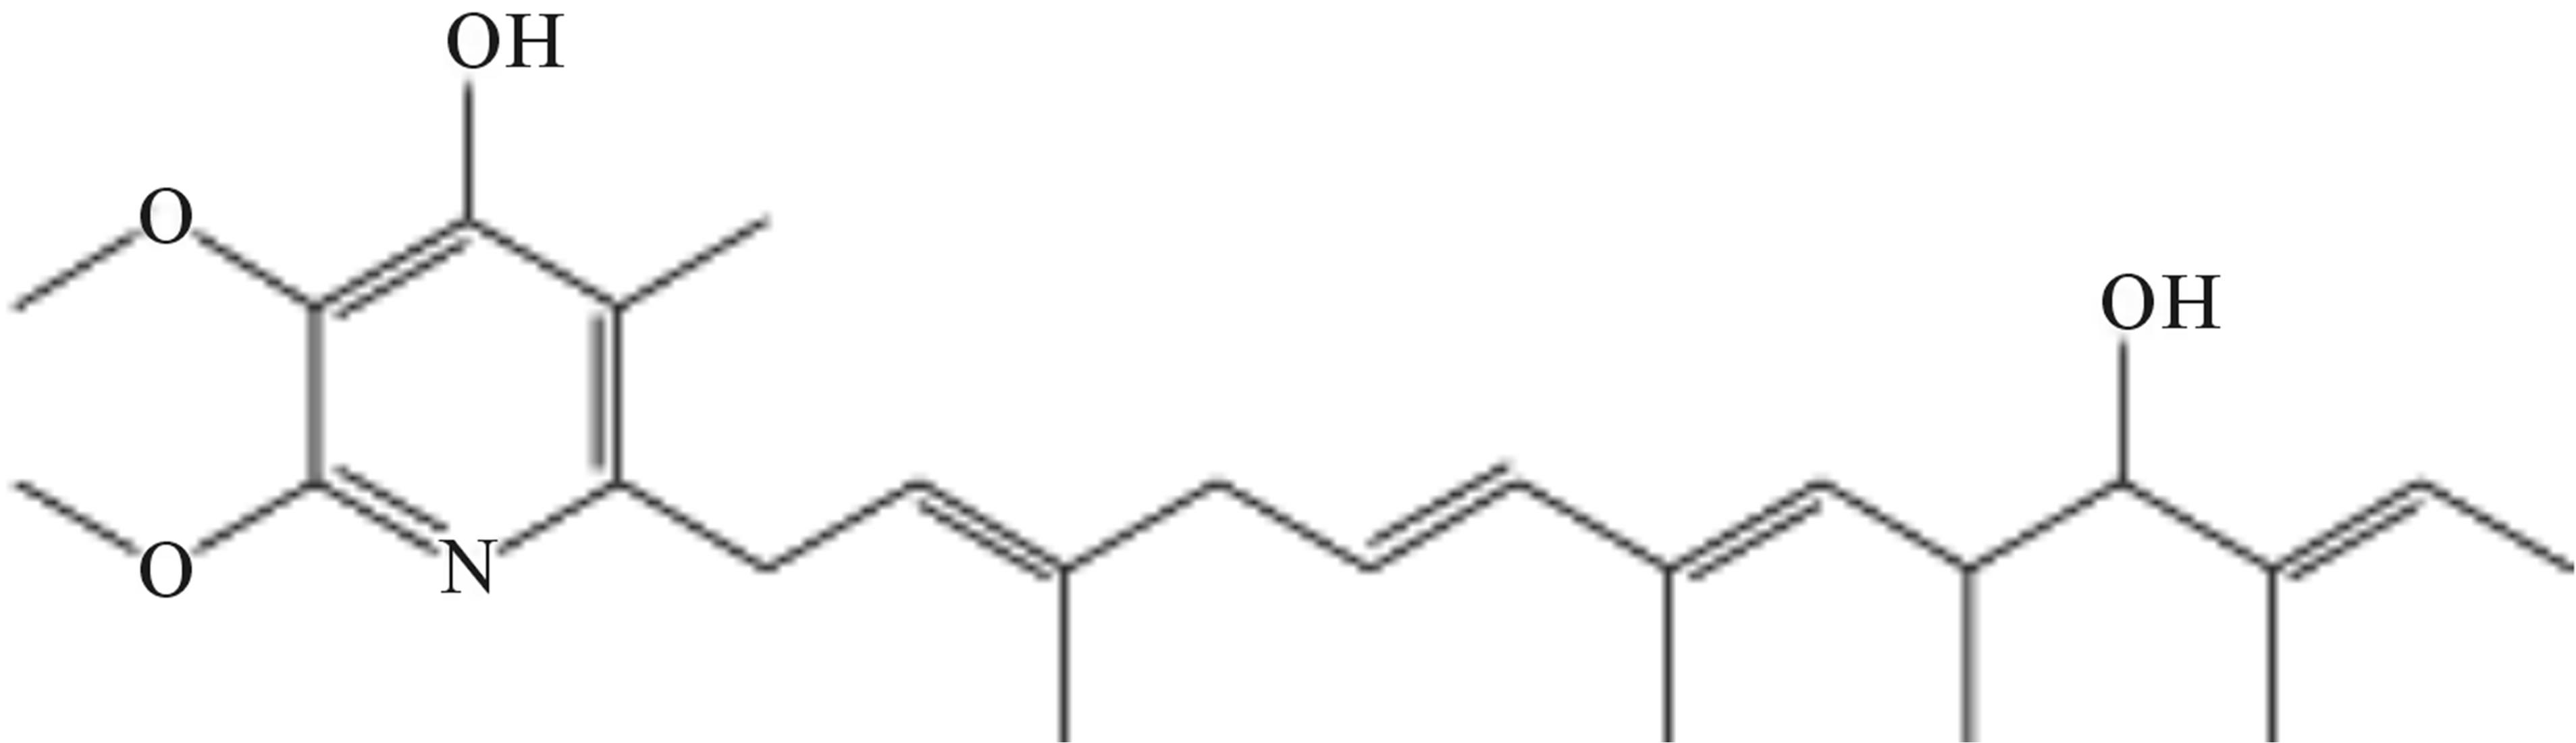 Piericidins, Novel Quorum-Sensing Inhibitors against Chromobacterium